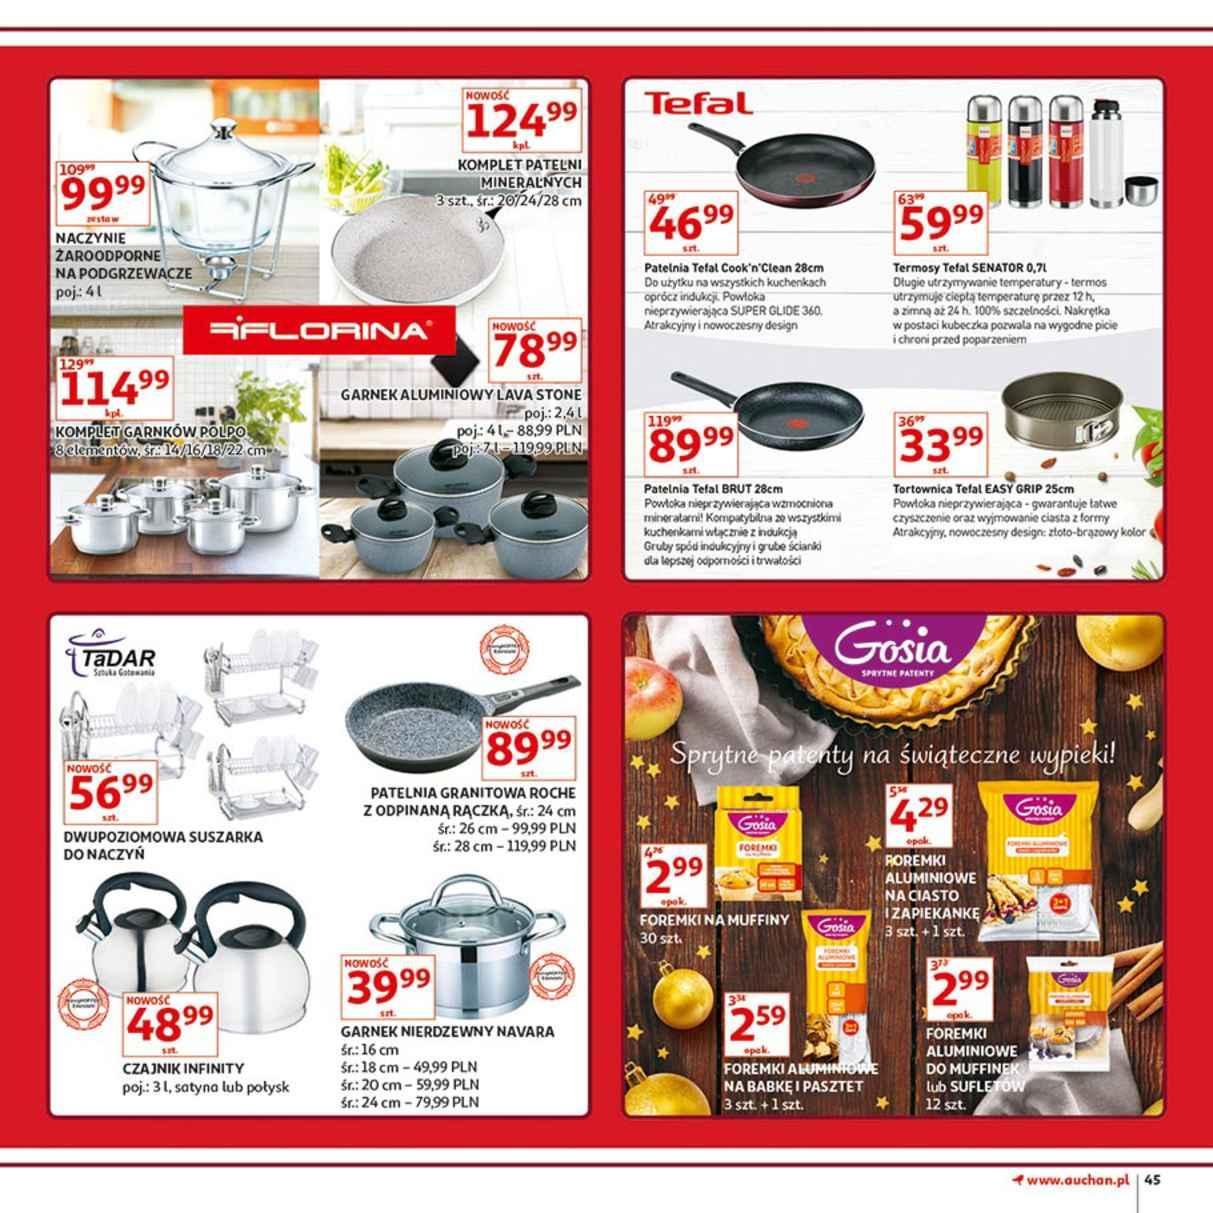 Gazetka promocyjna Auchan do 12/12/2018 str.45